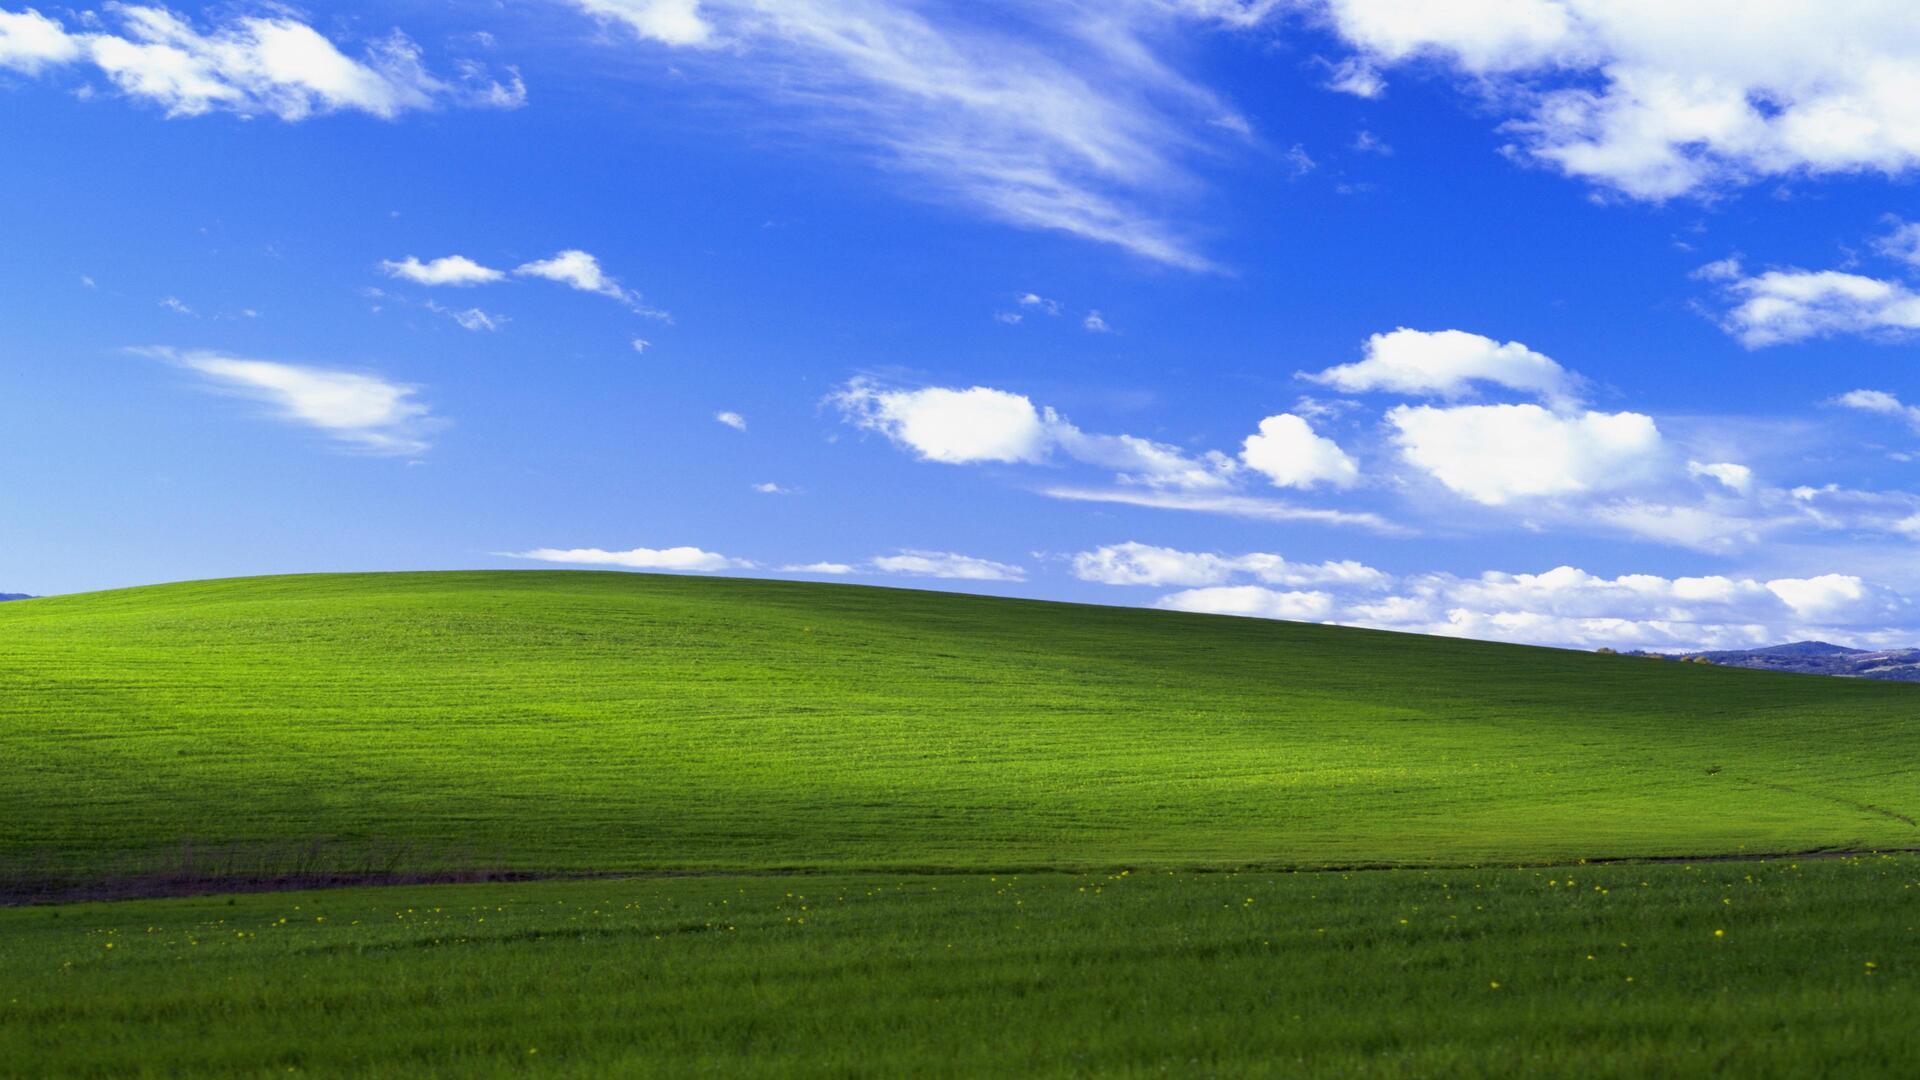 1920x1080 Windows Xp Bliss 4k Laptop Full Hd 1080p Hd 4k